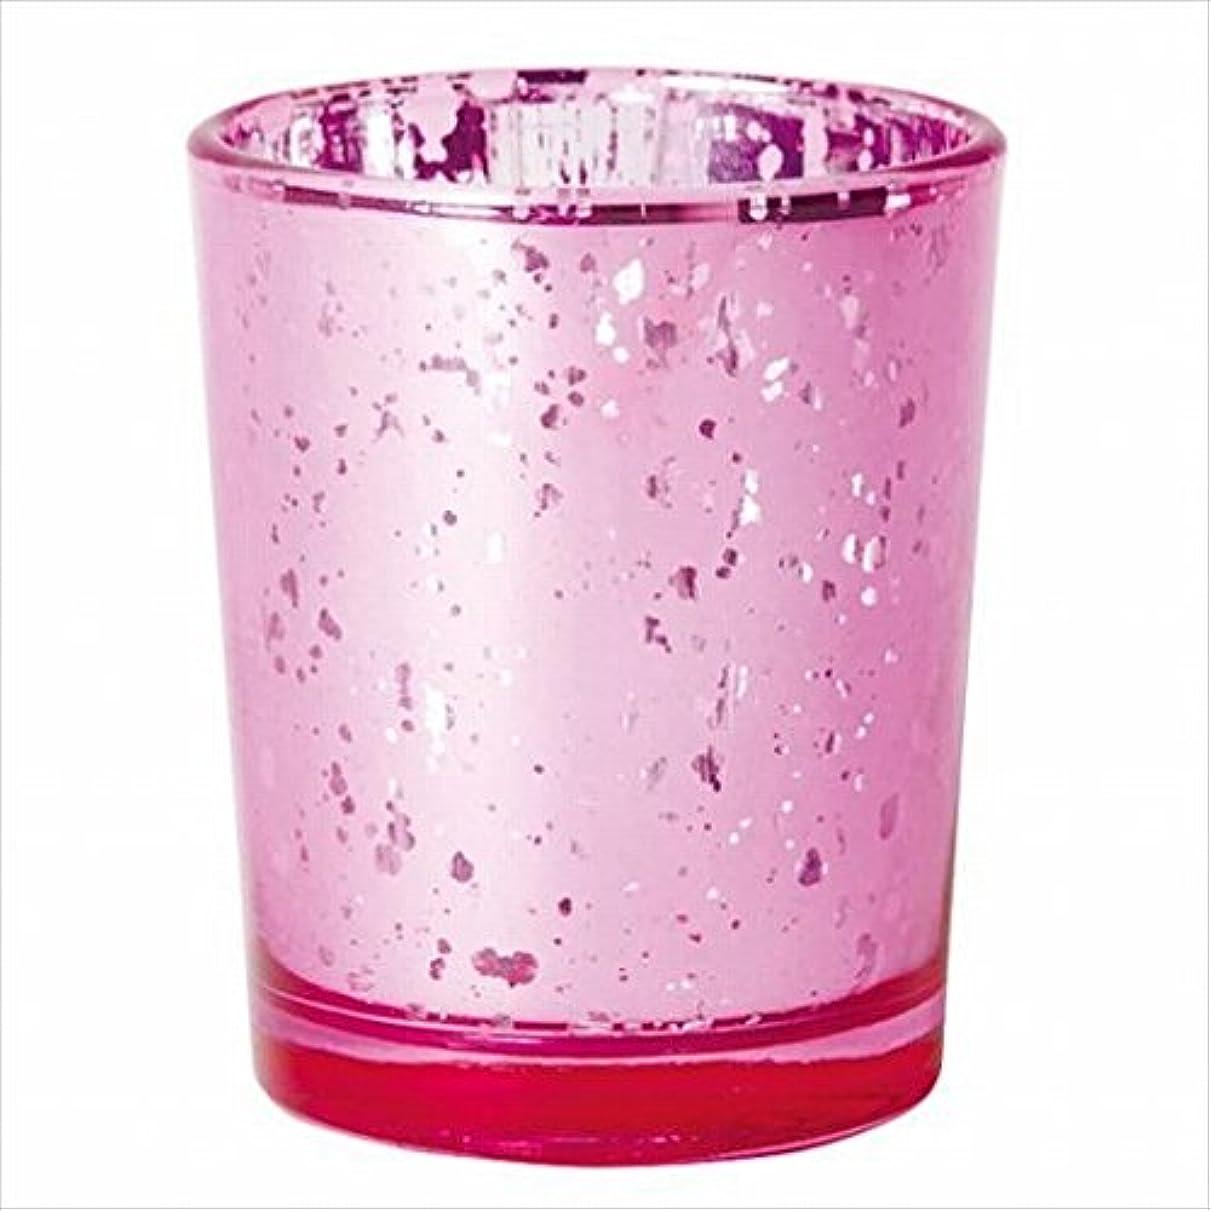 とティームメトリック合わせてカメヤマキャンドル(kameyama candle) ヴィンテージグラス 「 ピンク 」 キャンドルホルダー